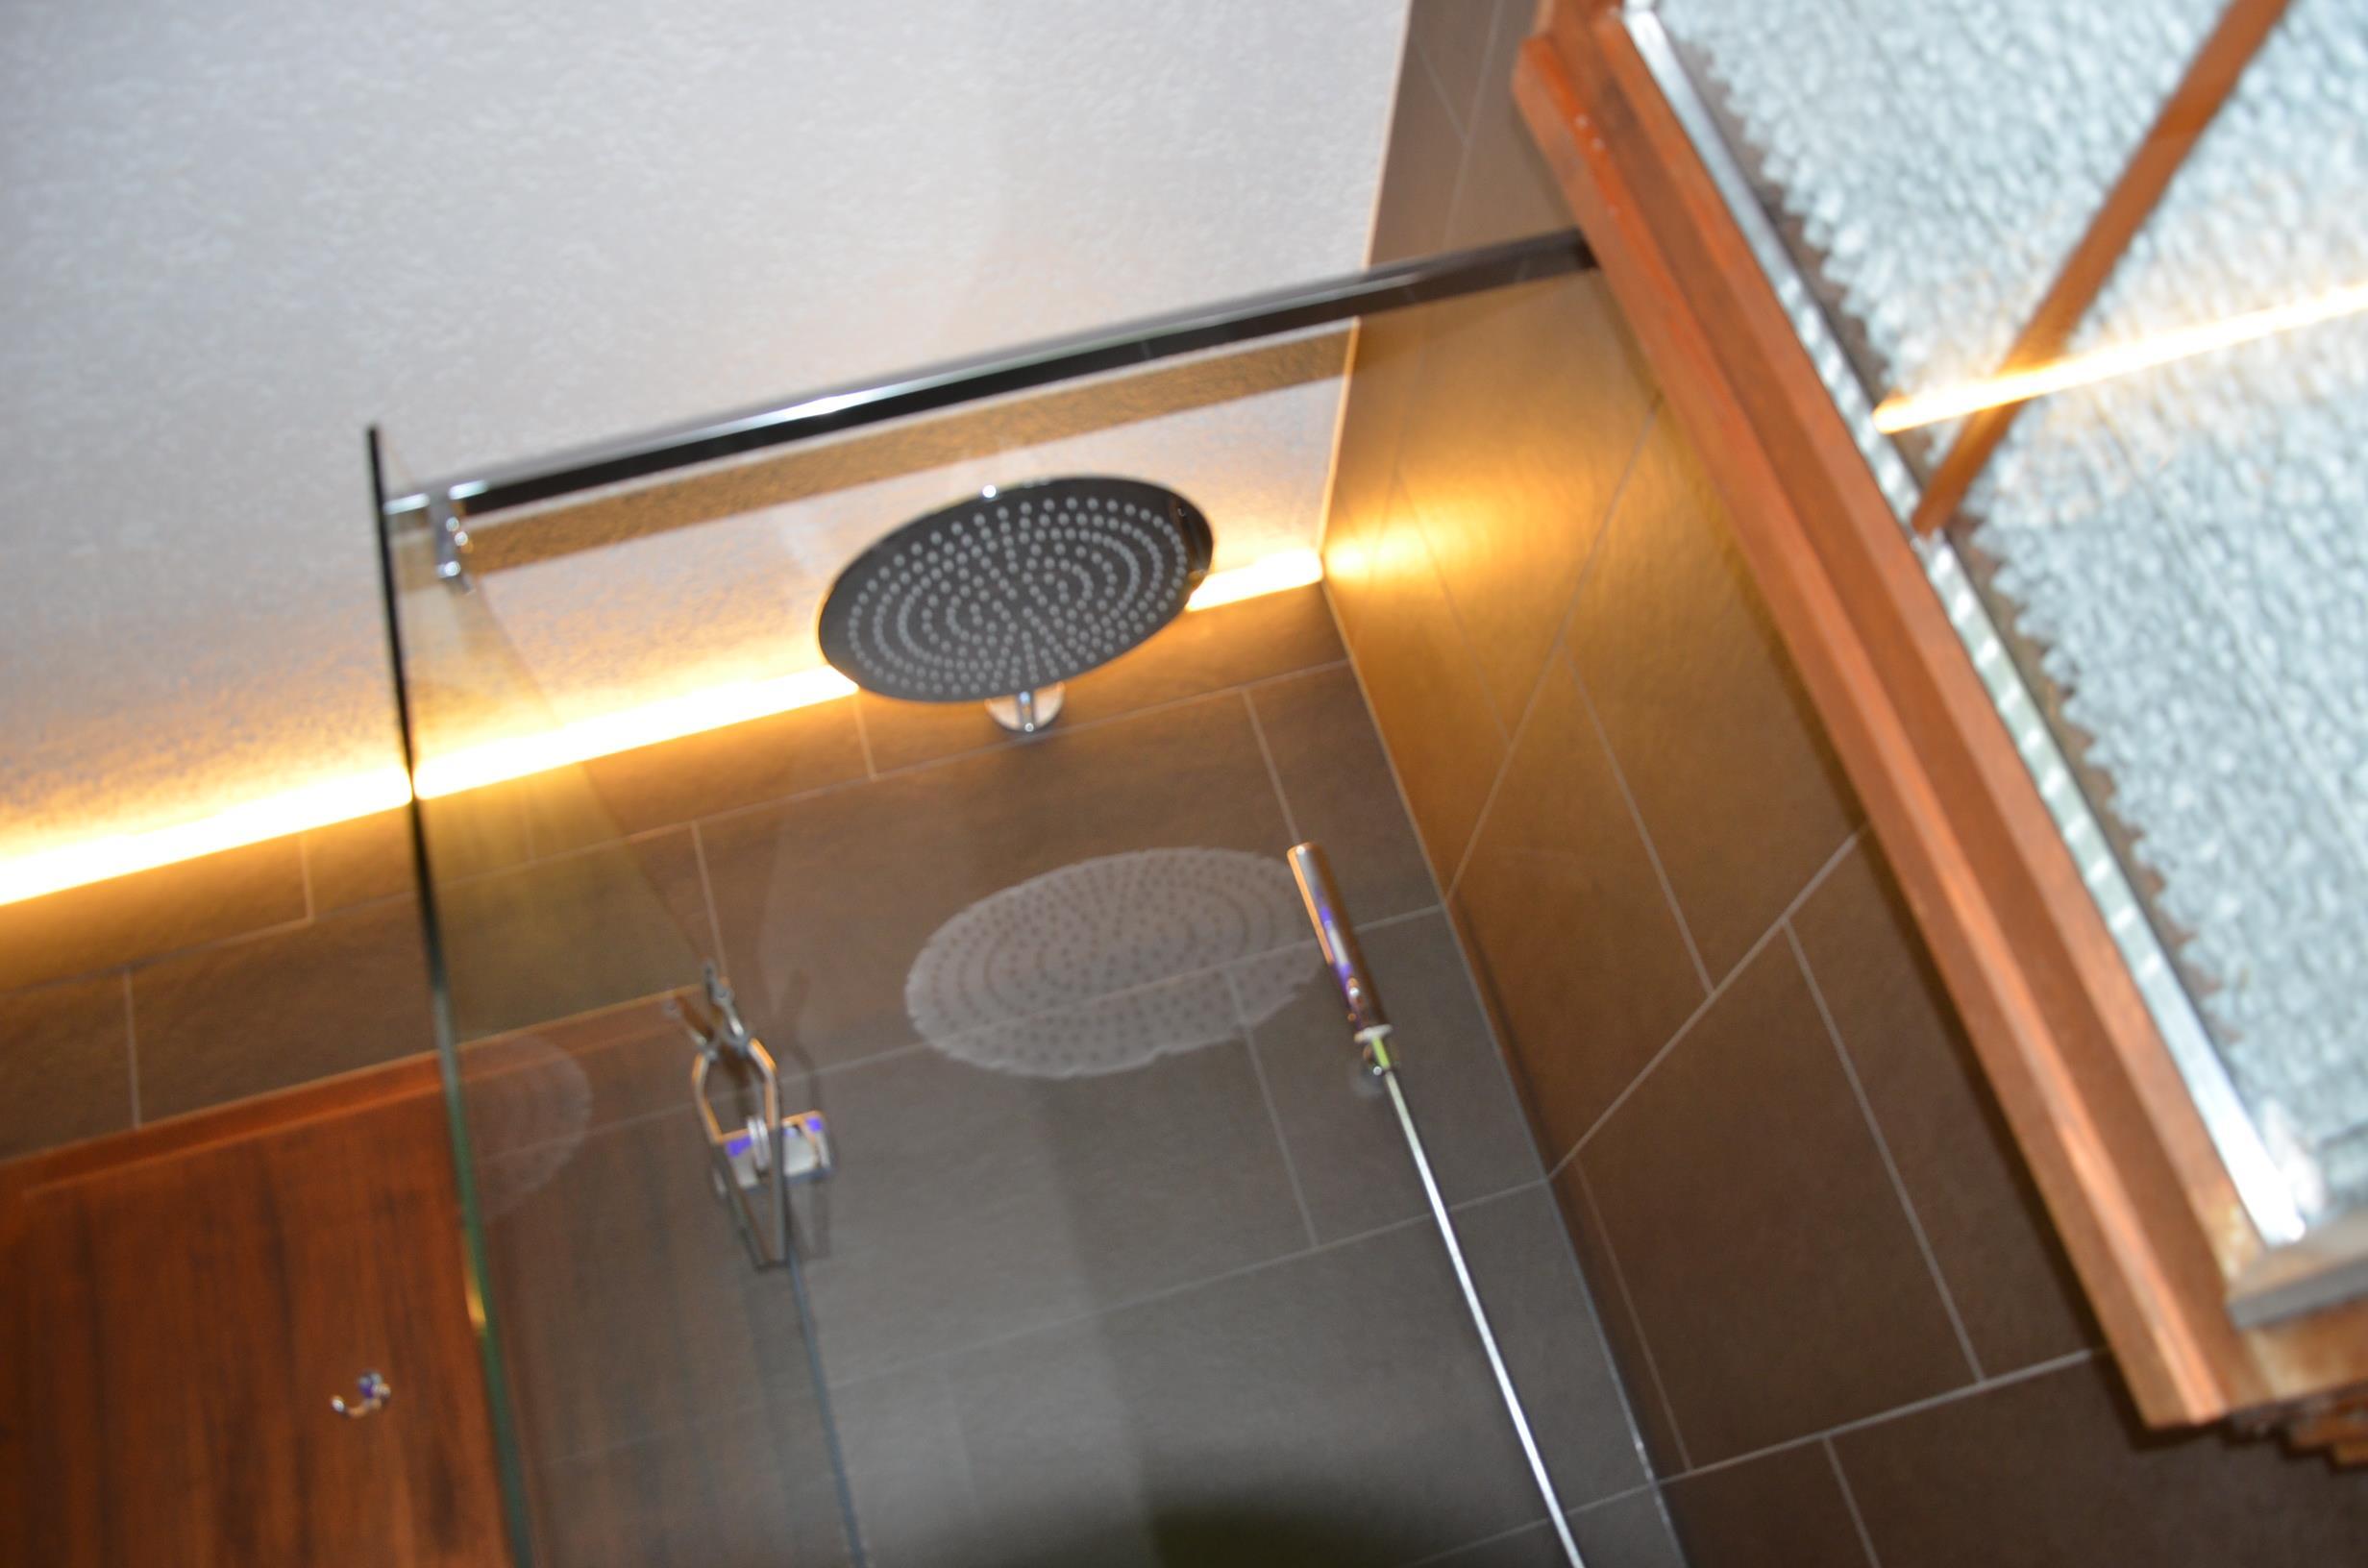 Appartement de vacances Schulerszaun 1 2 Bett Wohnung (2691731), Grindelwald, Région de la Jungfrau, Oberland bernois, Suisse, image 12